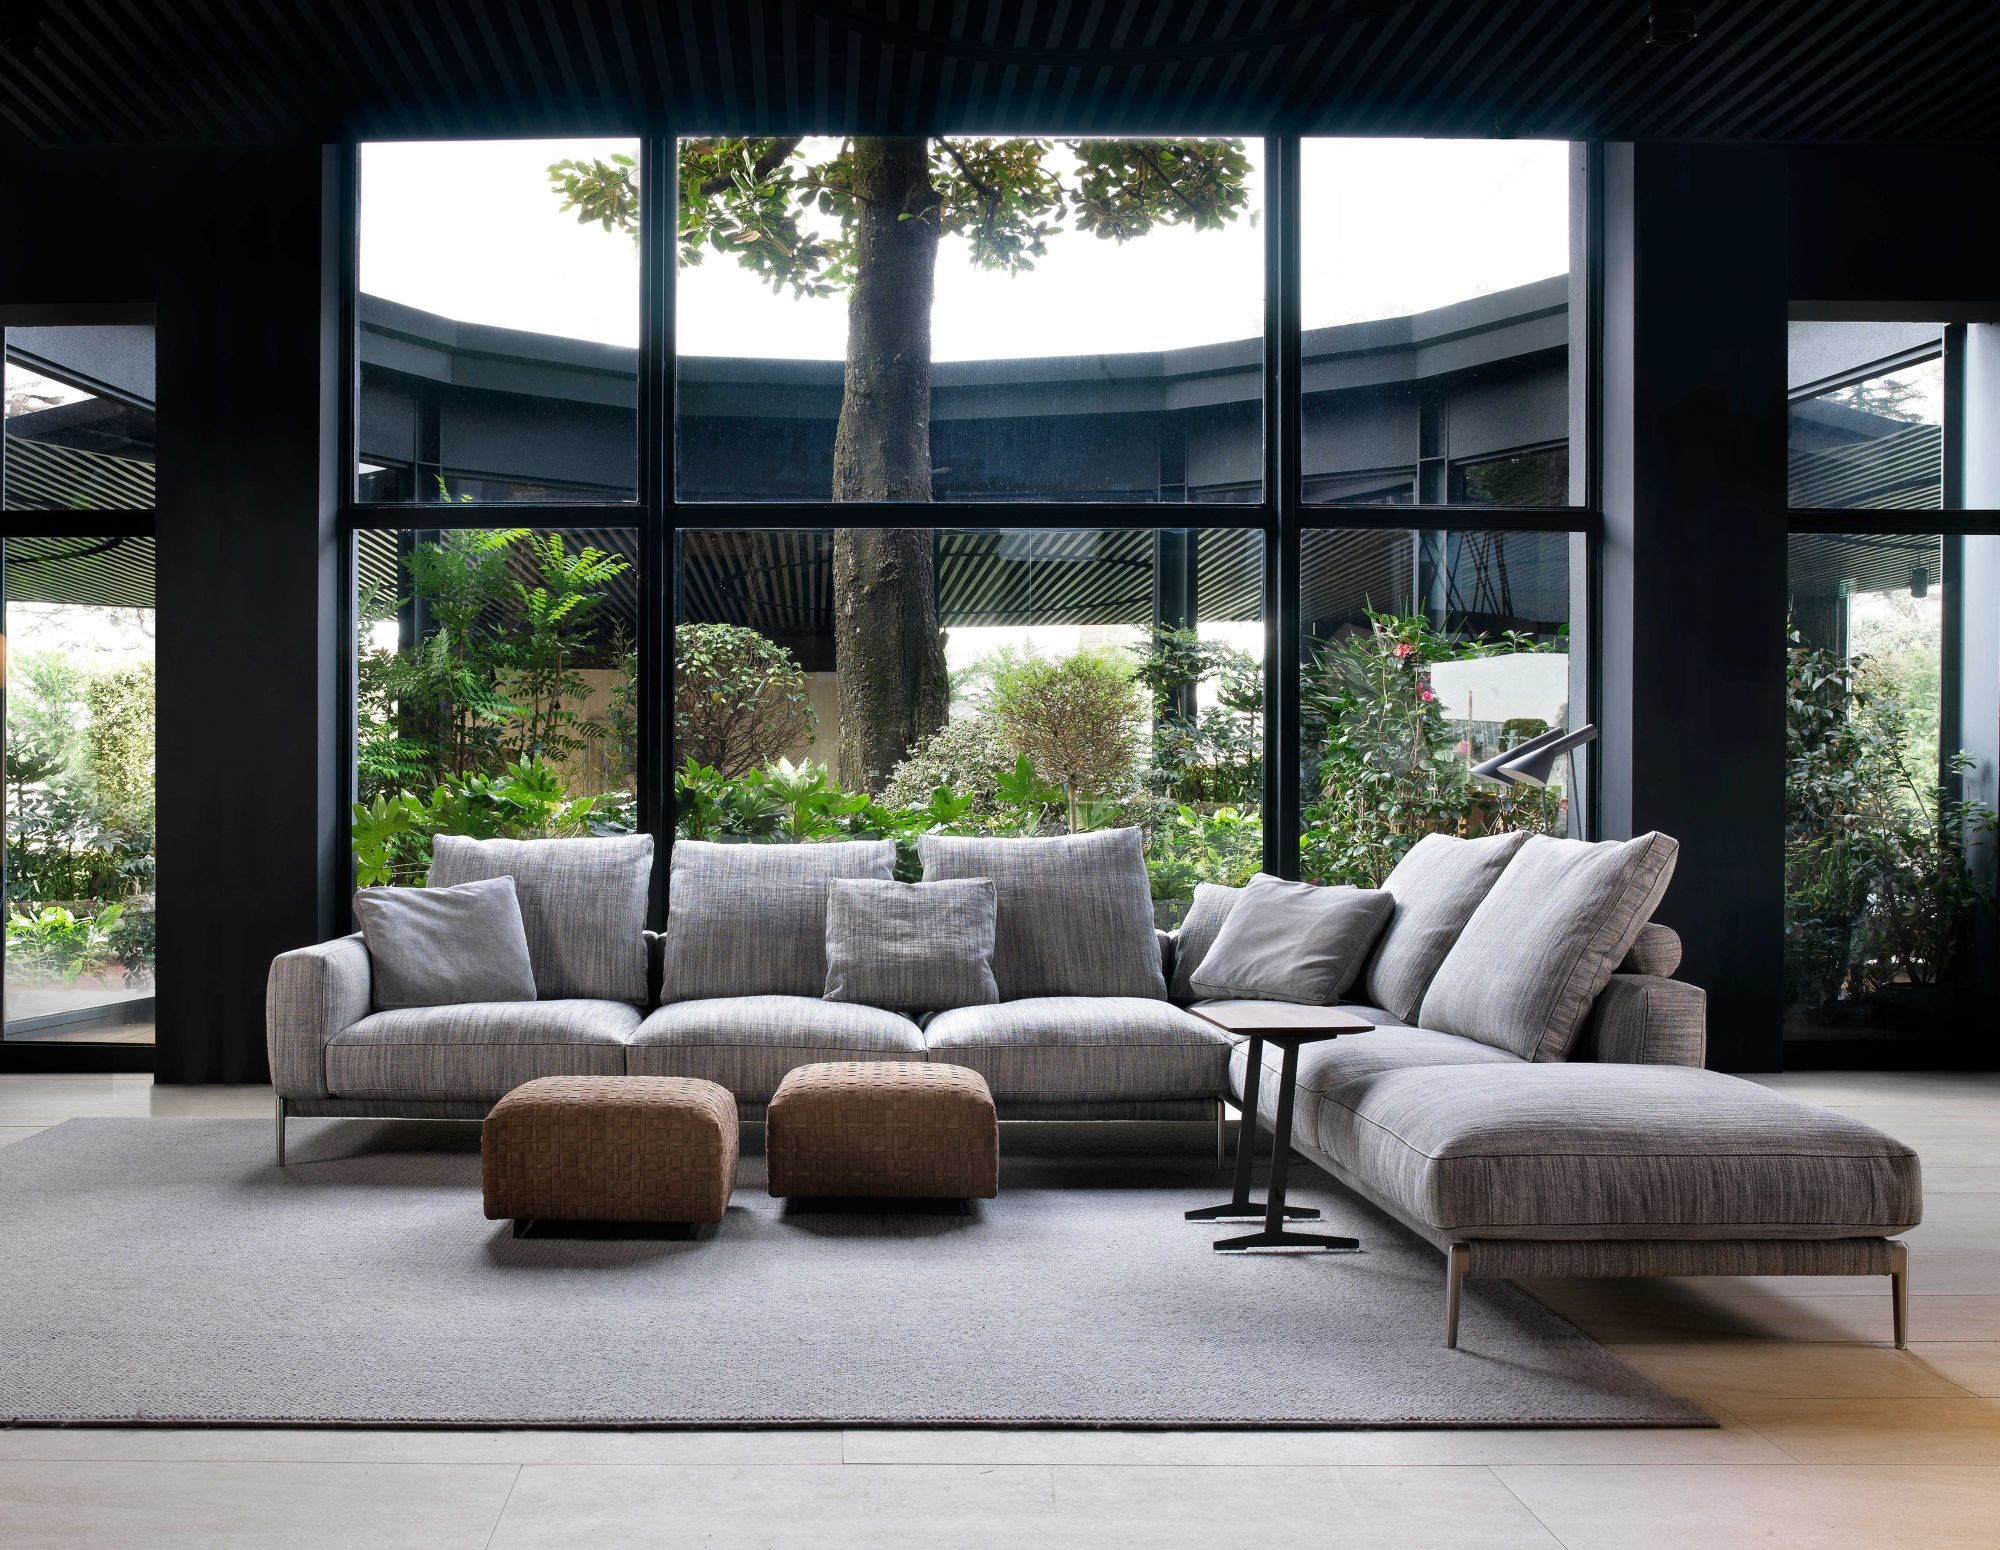 6款經典百搭家具:世界上最舒服沙發,用鵝絨填充坐墊保證柔軟與舒適